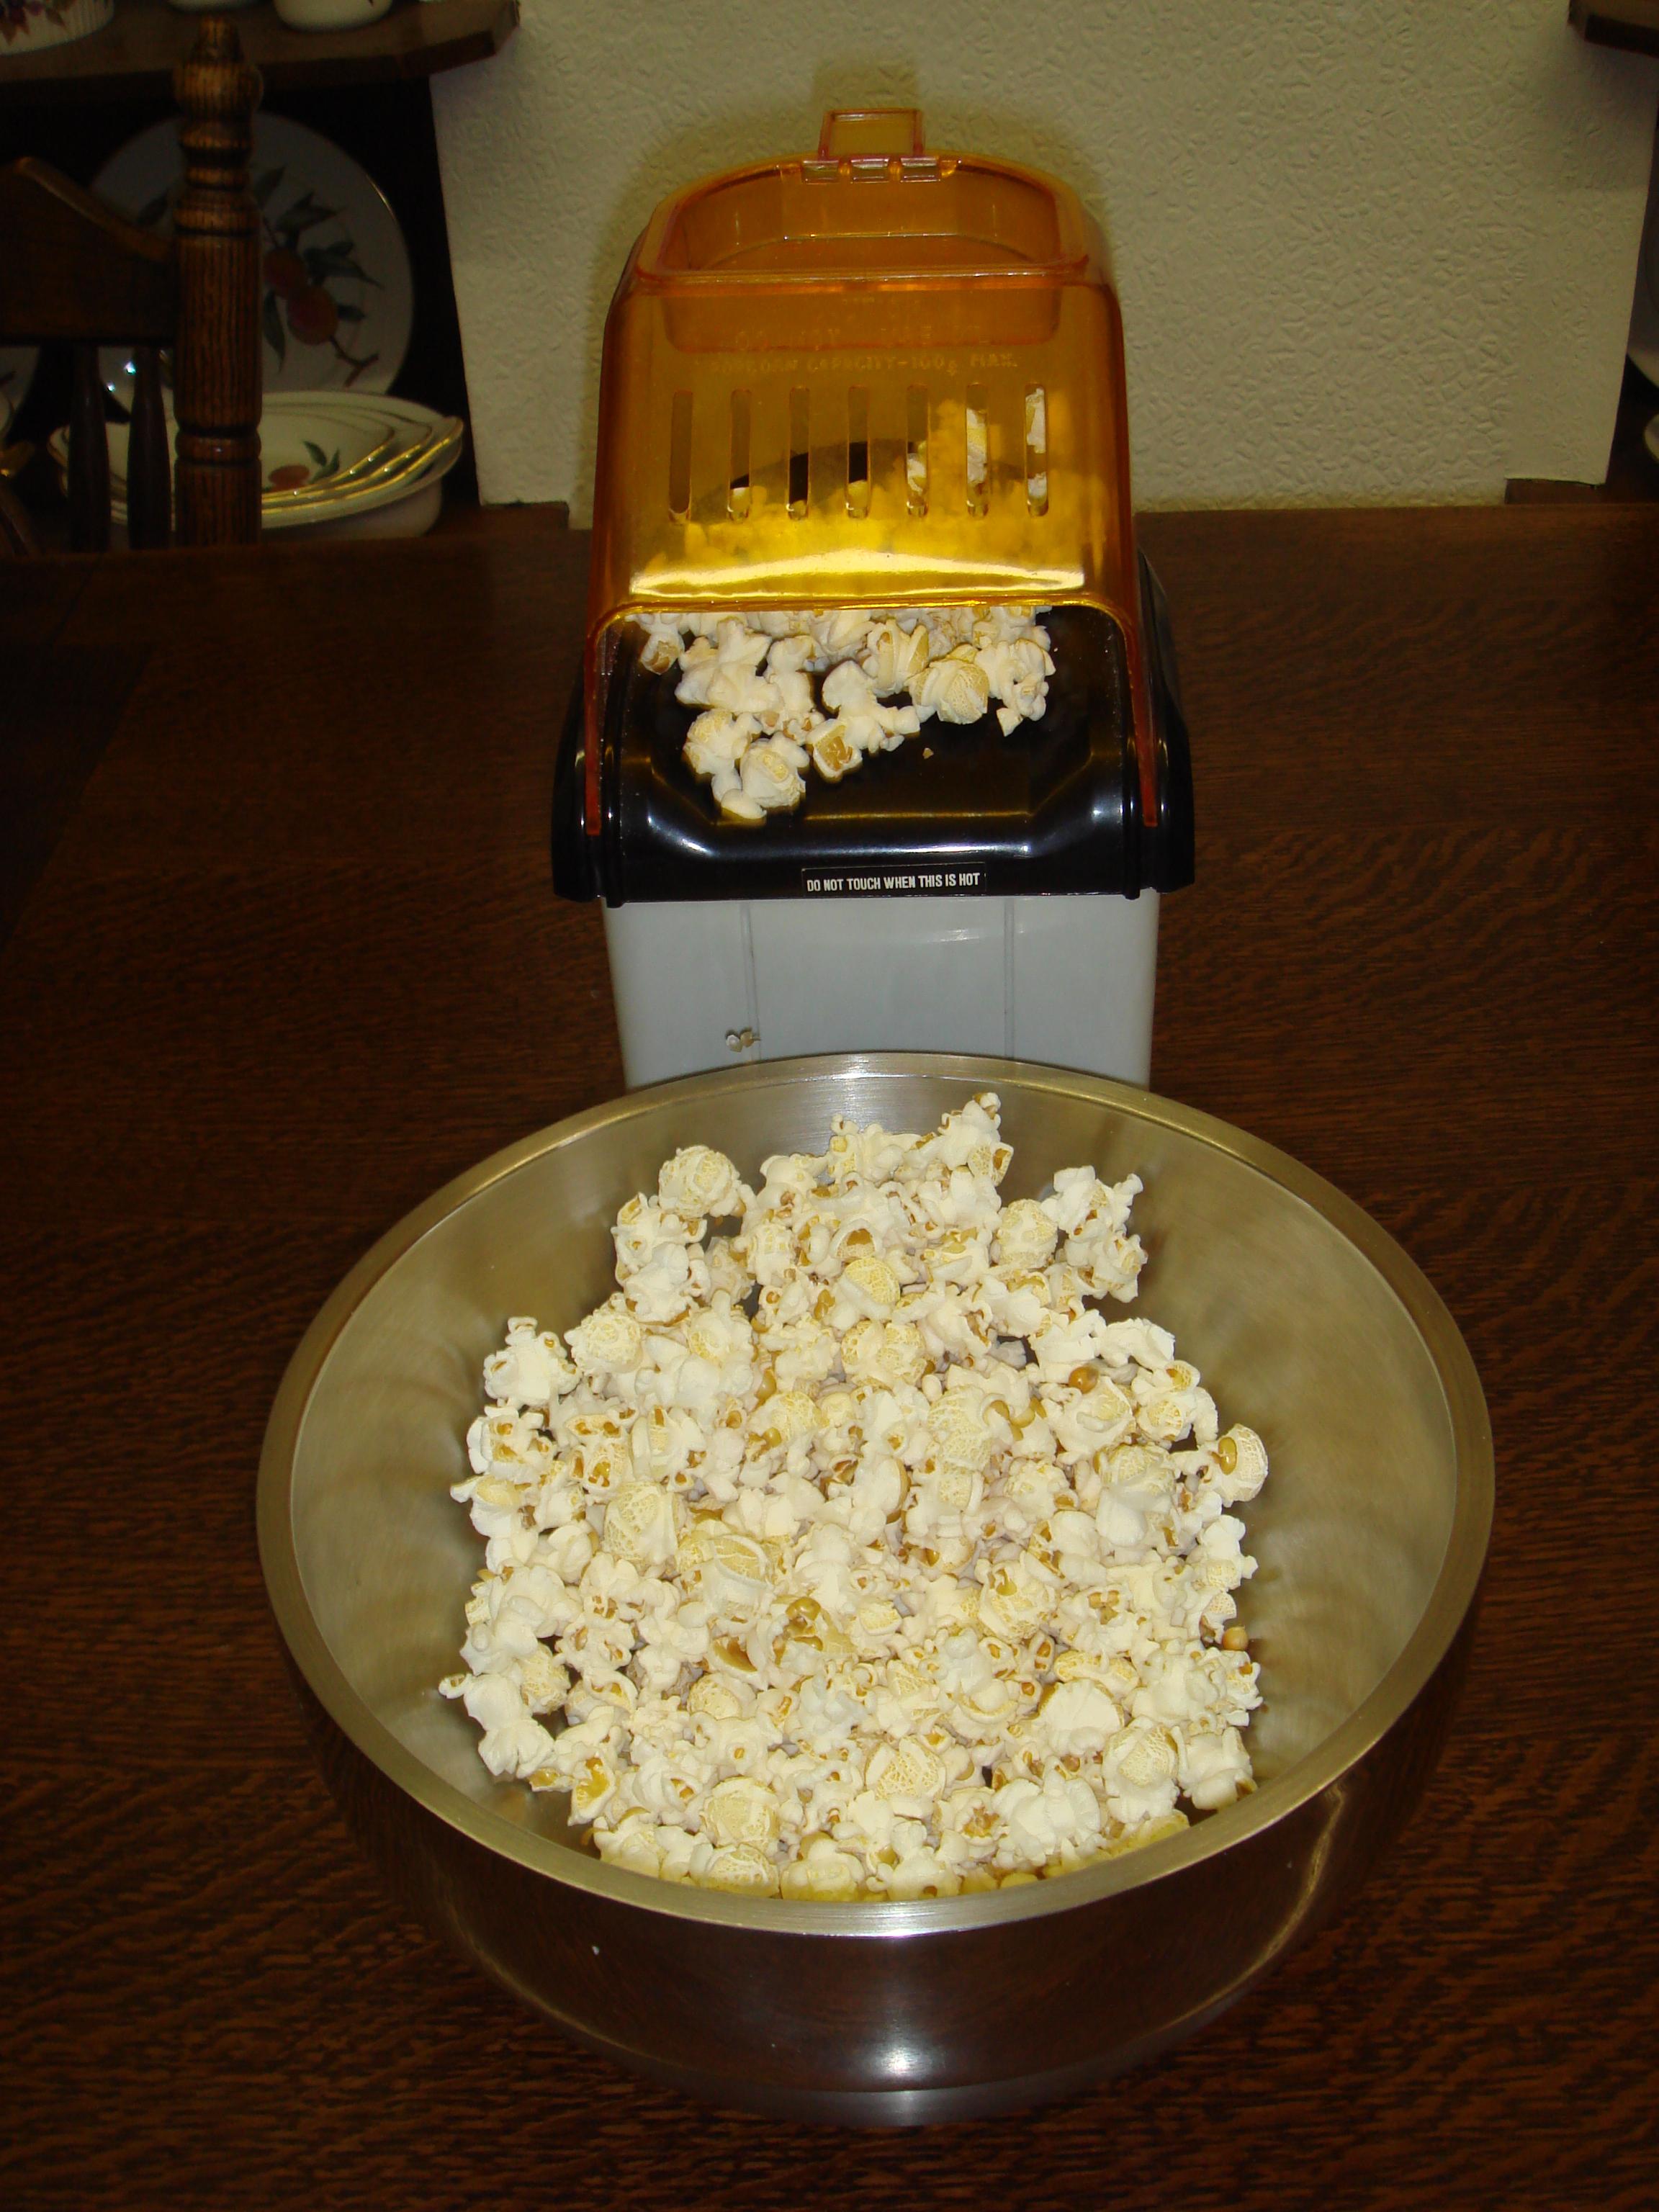 A popcorn maker.